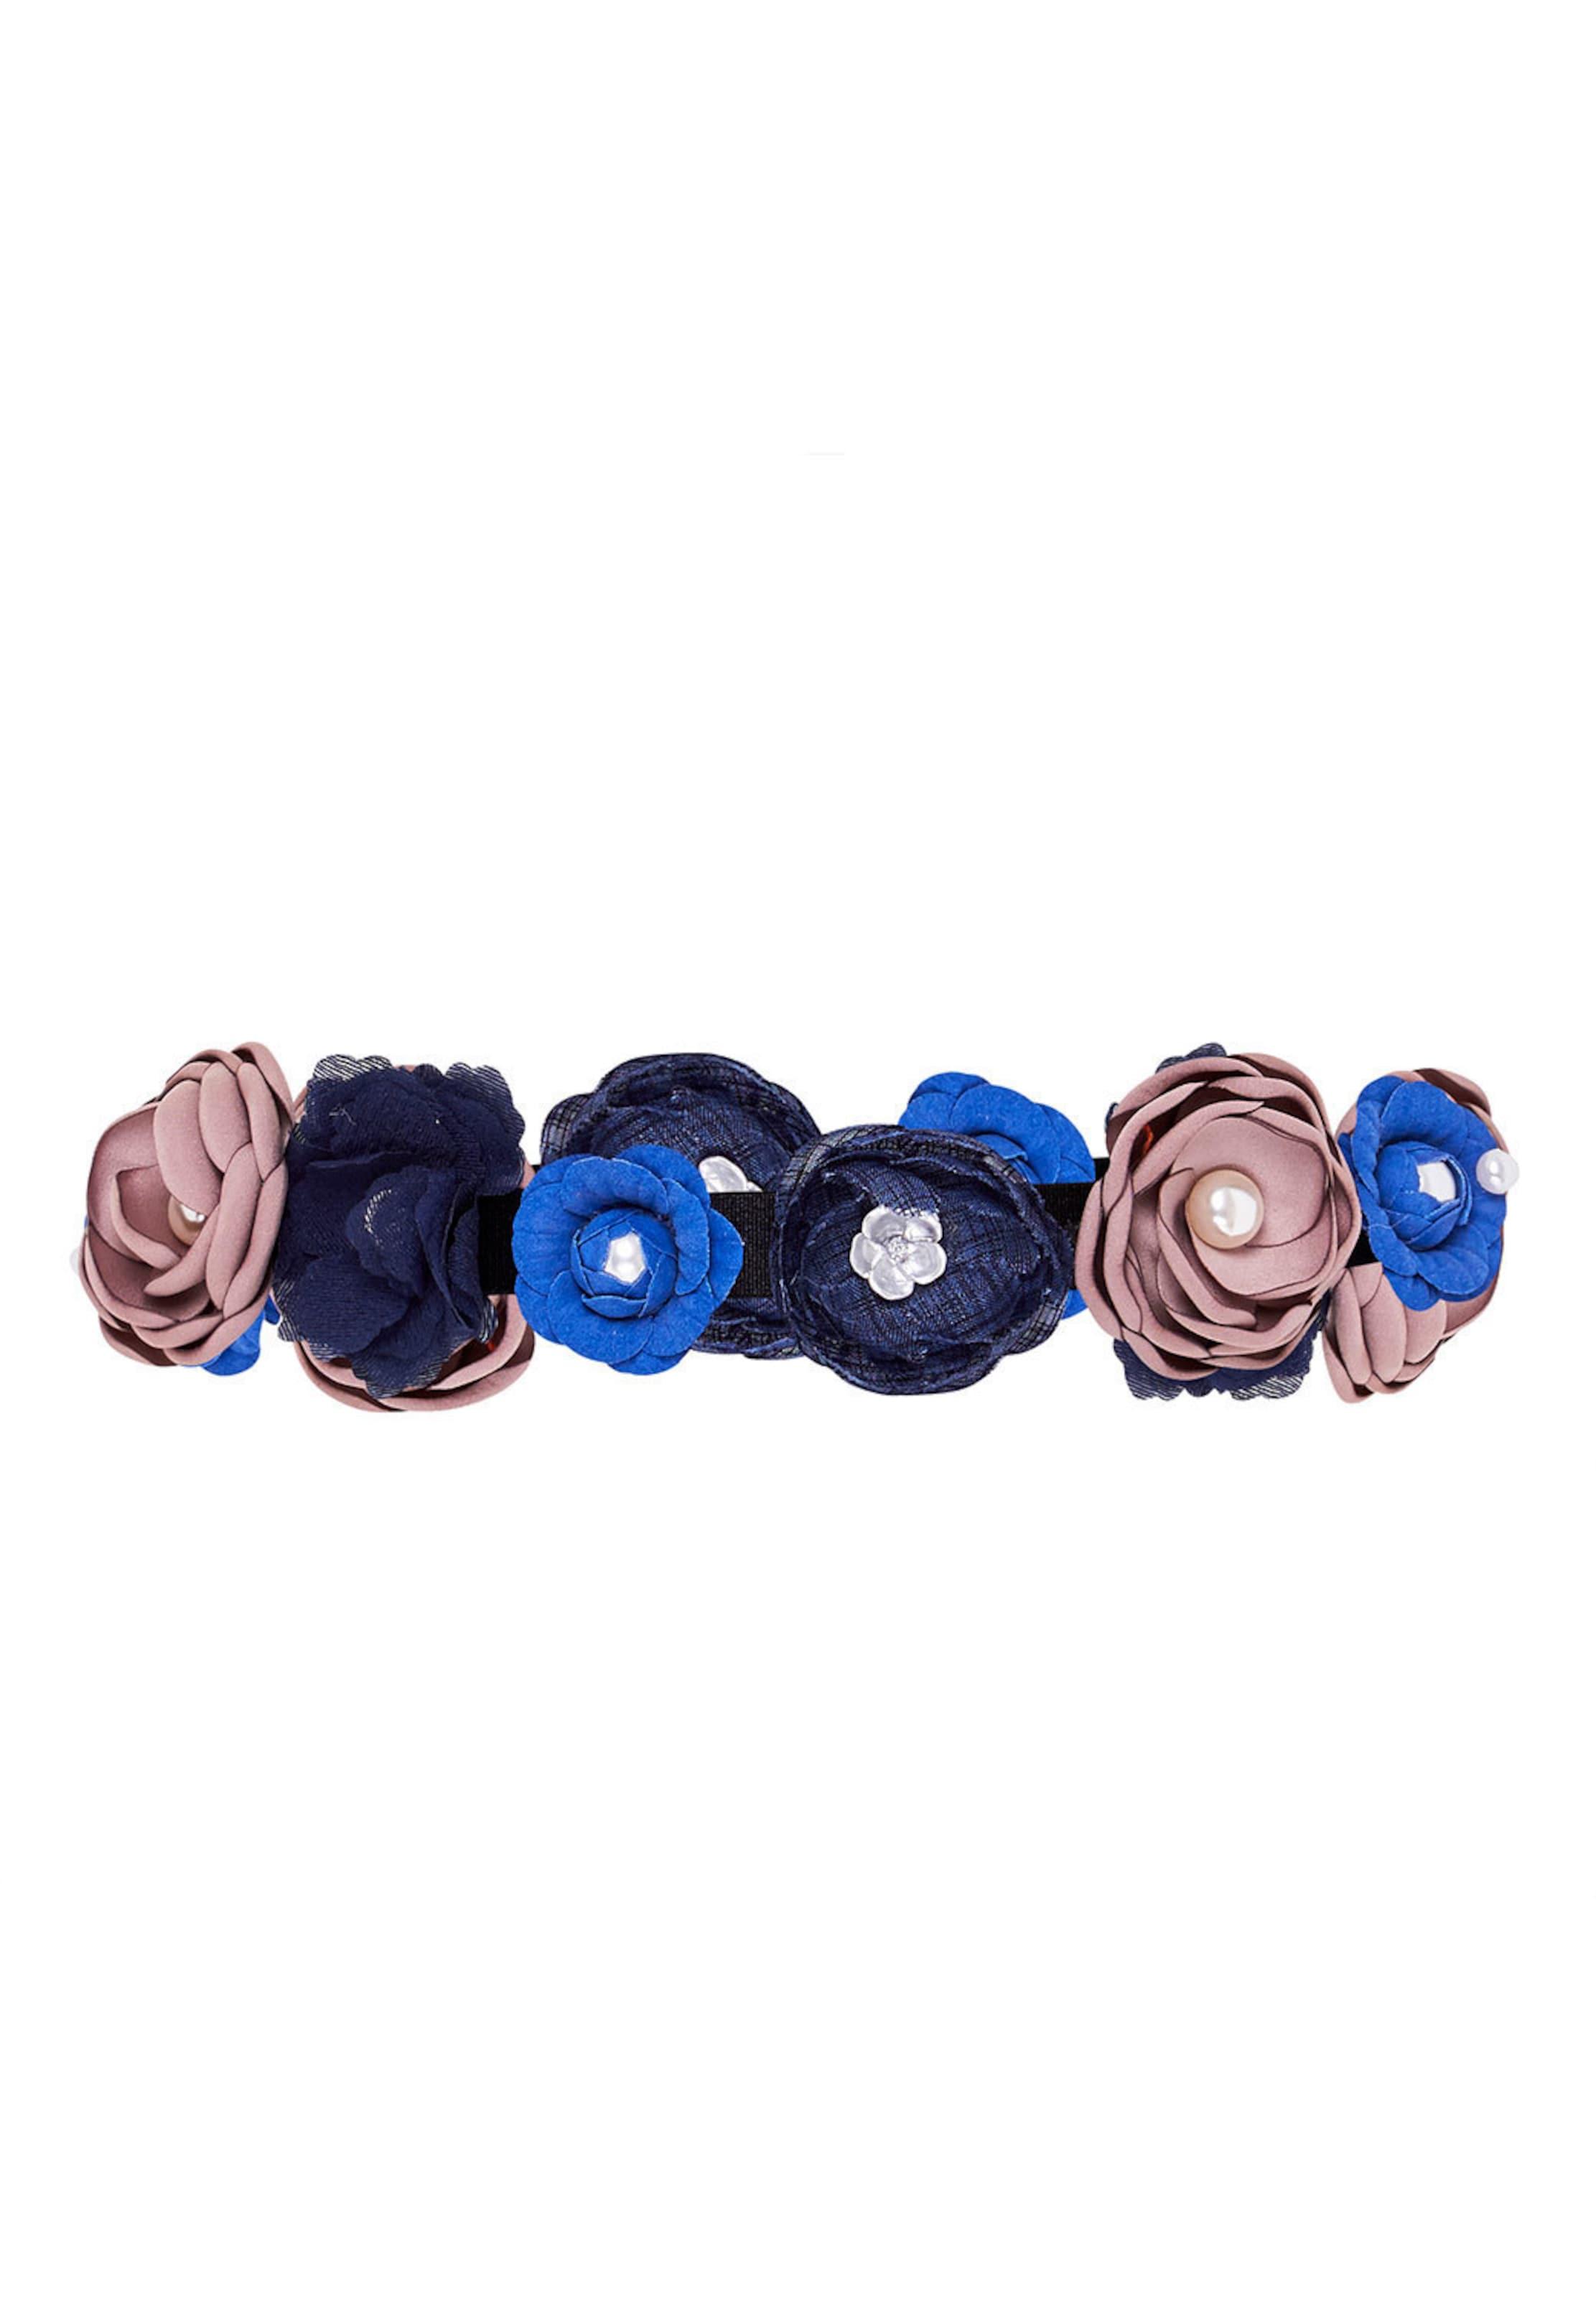 HALLHUBER Stretchgürtel mit 3D-Blüten Spielraum Shop Online-Verkauf Freies Verschiffen Das Preiswerteste Freiraum Für Verkauf Super Angebote unxs1RX0